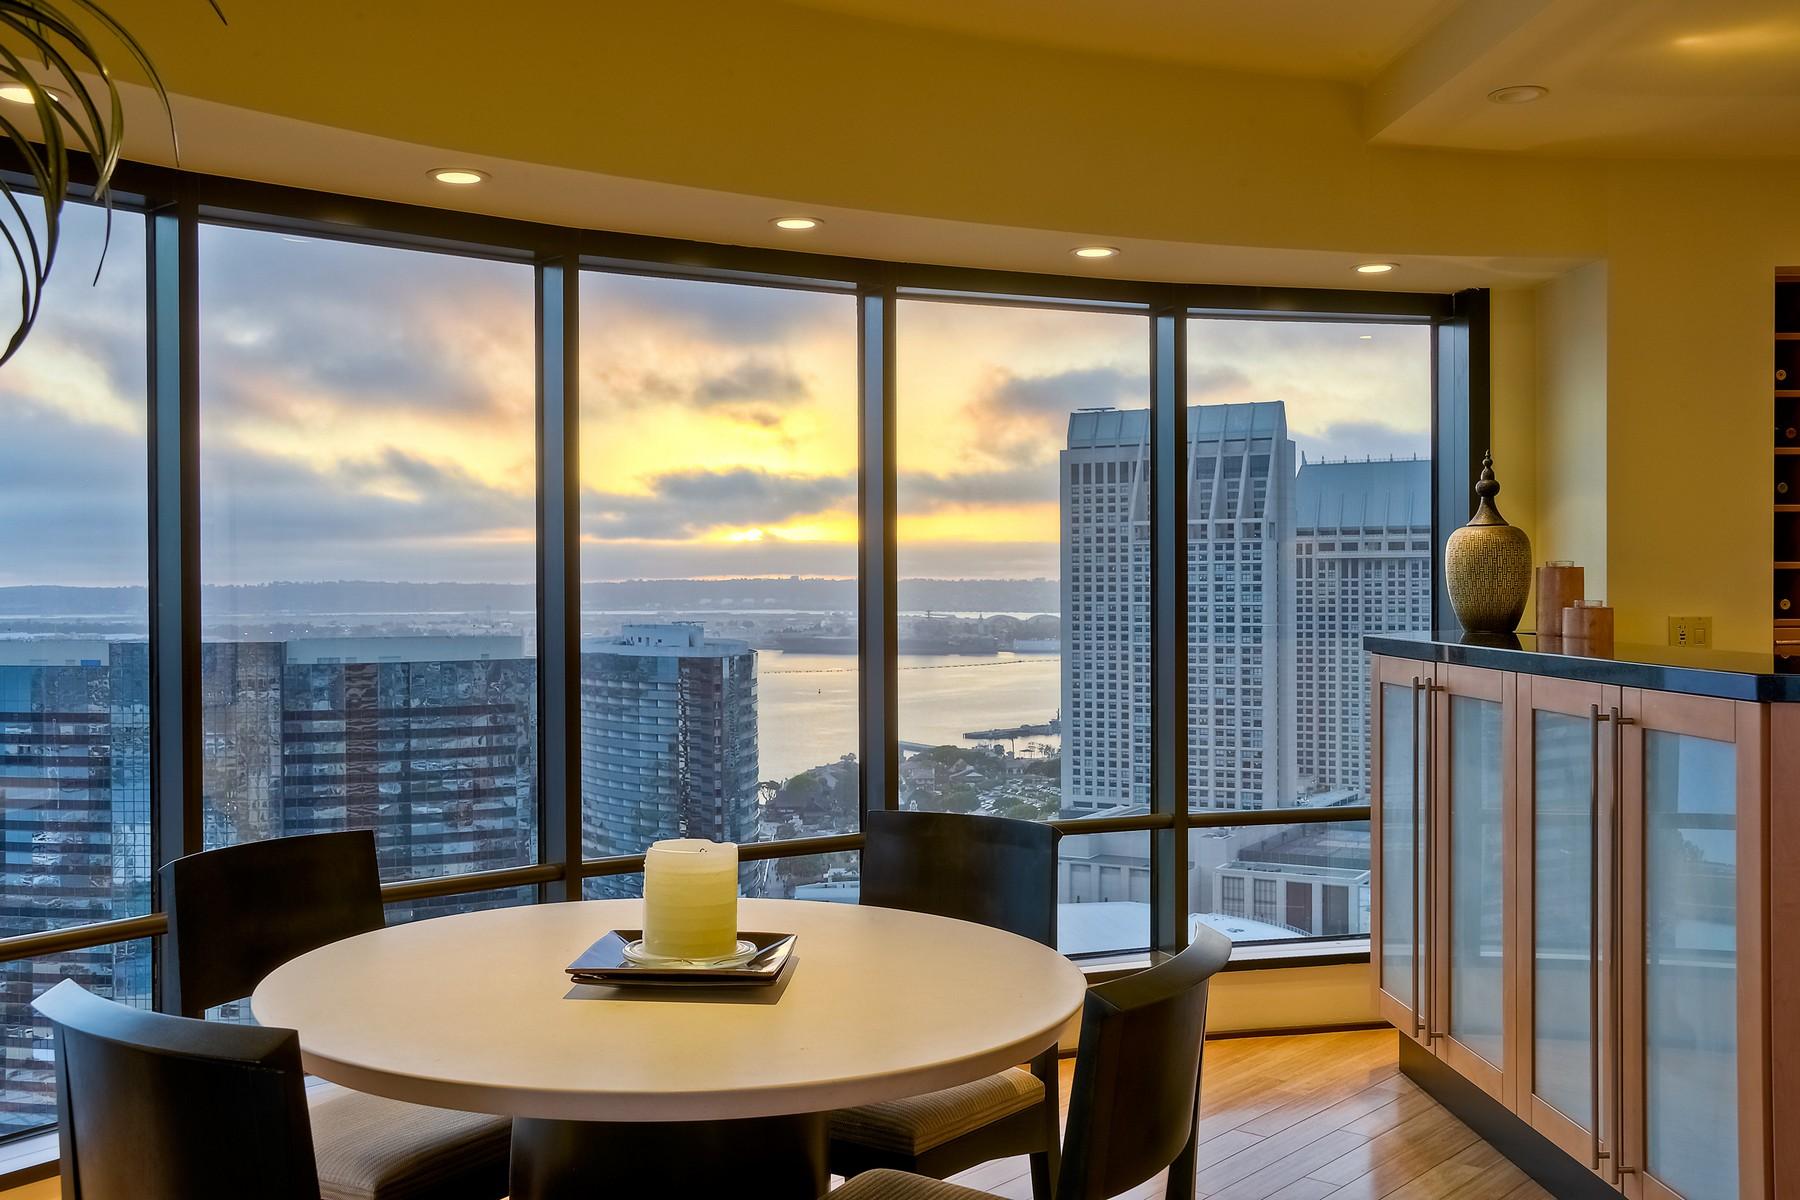 Condominium for Sale at Harbor Club 200 Harbor Drive 3202 Marina, San Diego, California, 92101 United States